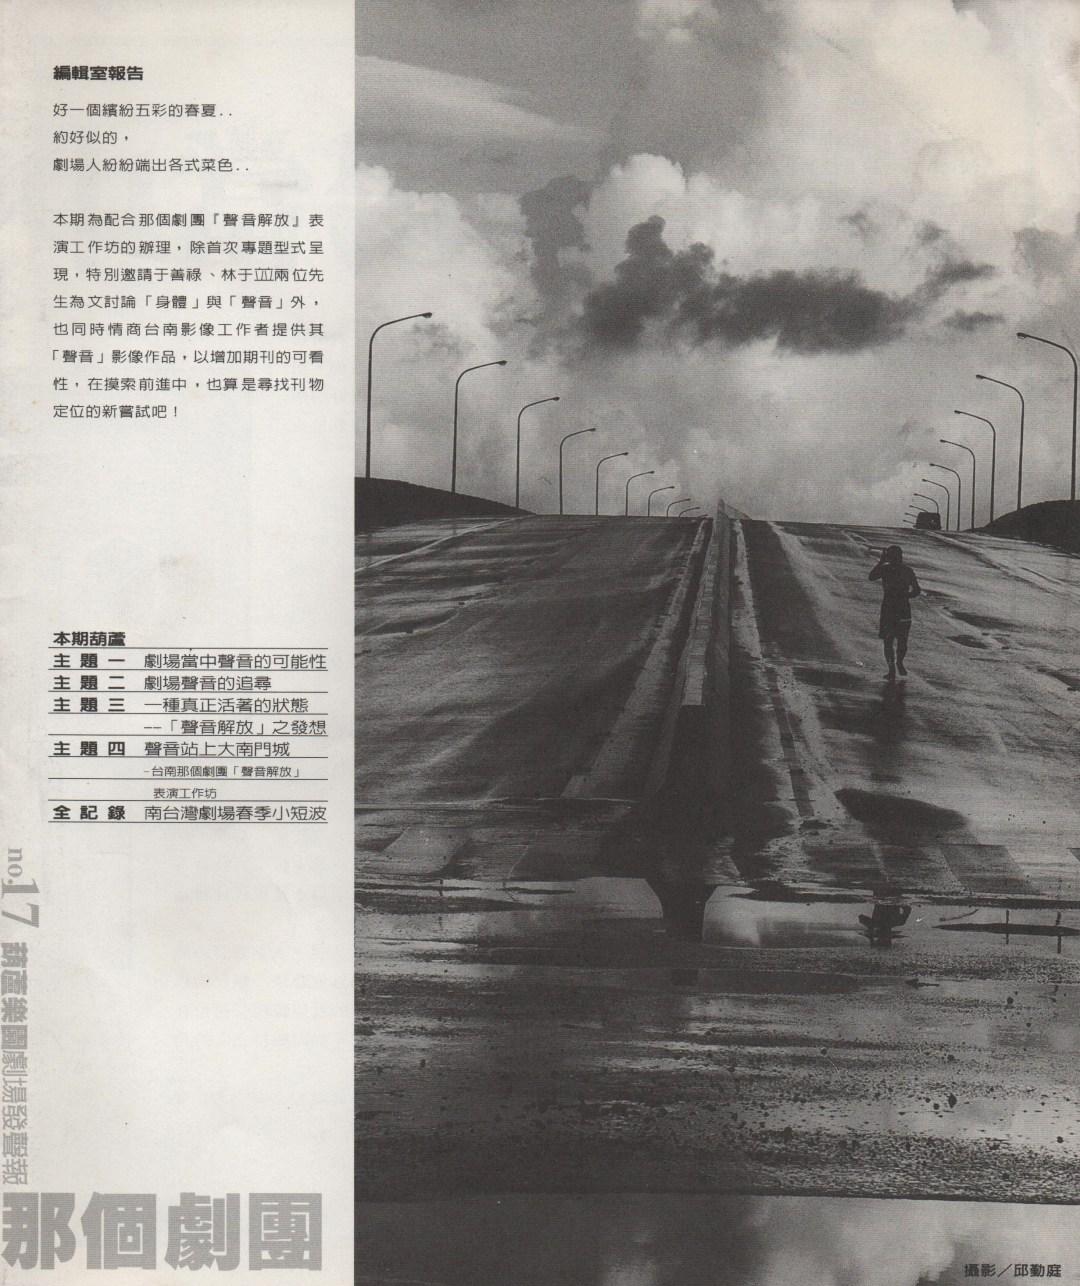 葫蘆樂園:劇場發聲報第十七期